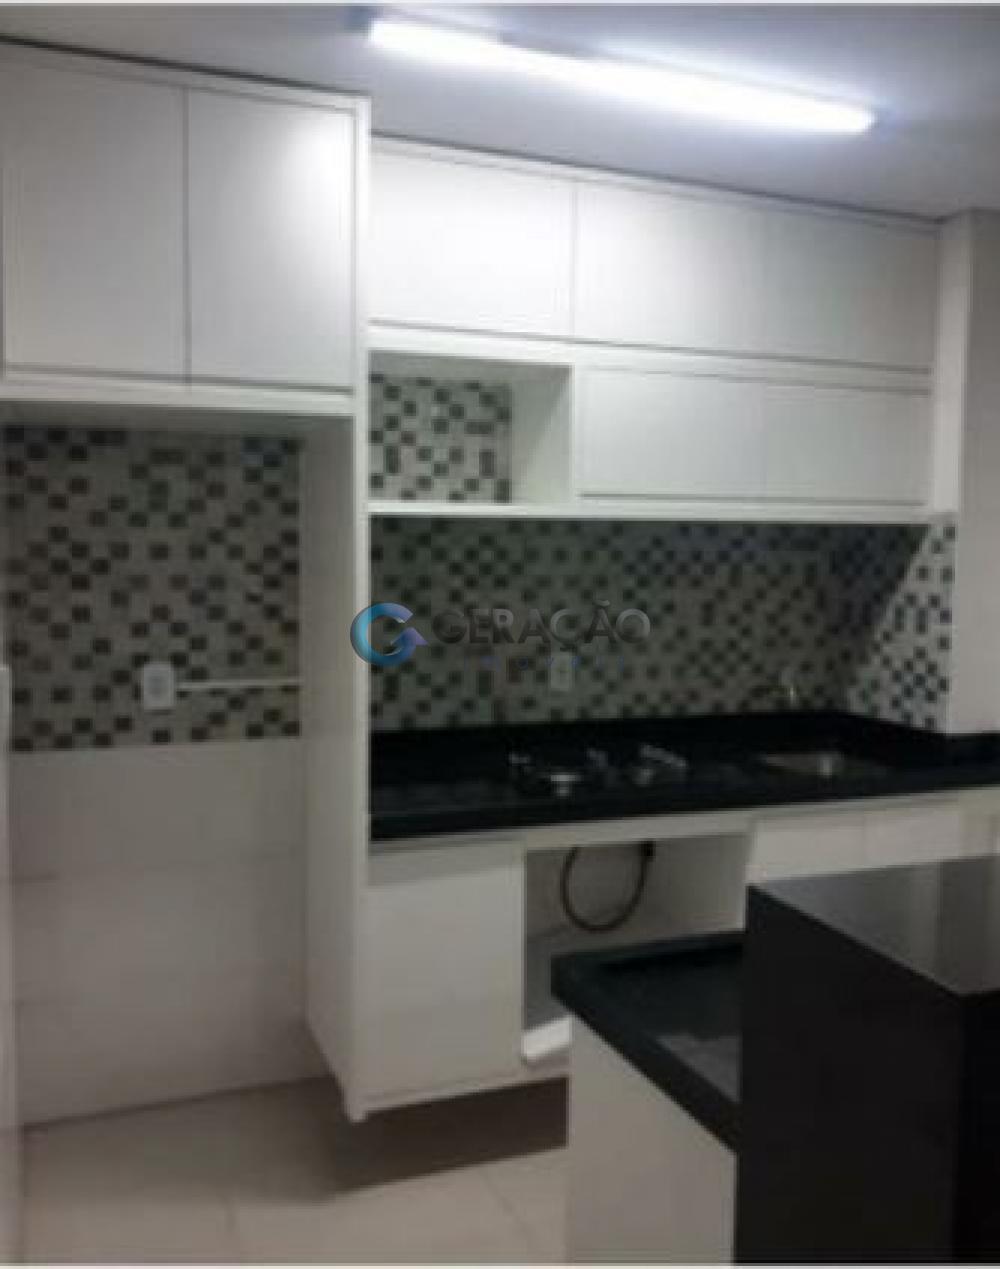 Comprar Apartamento / Padrão em São José dos Campos R$ 170.000,00 - Foto 6